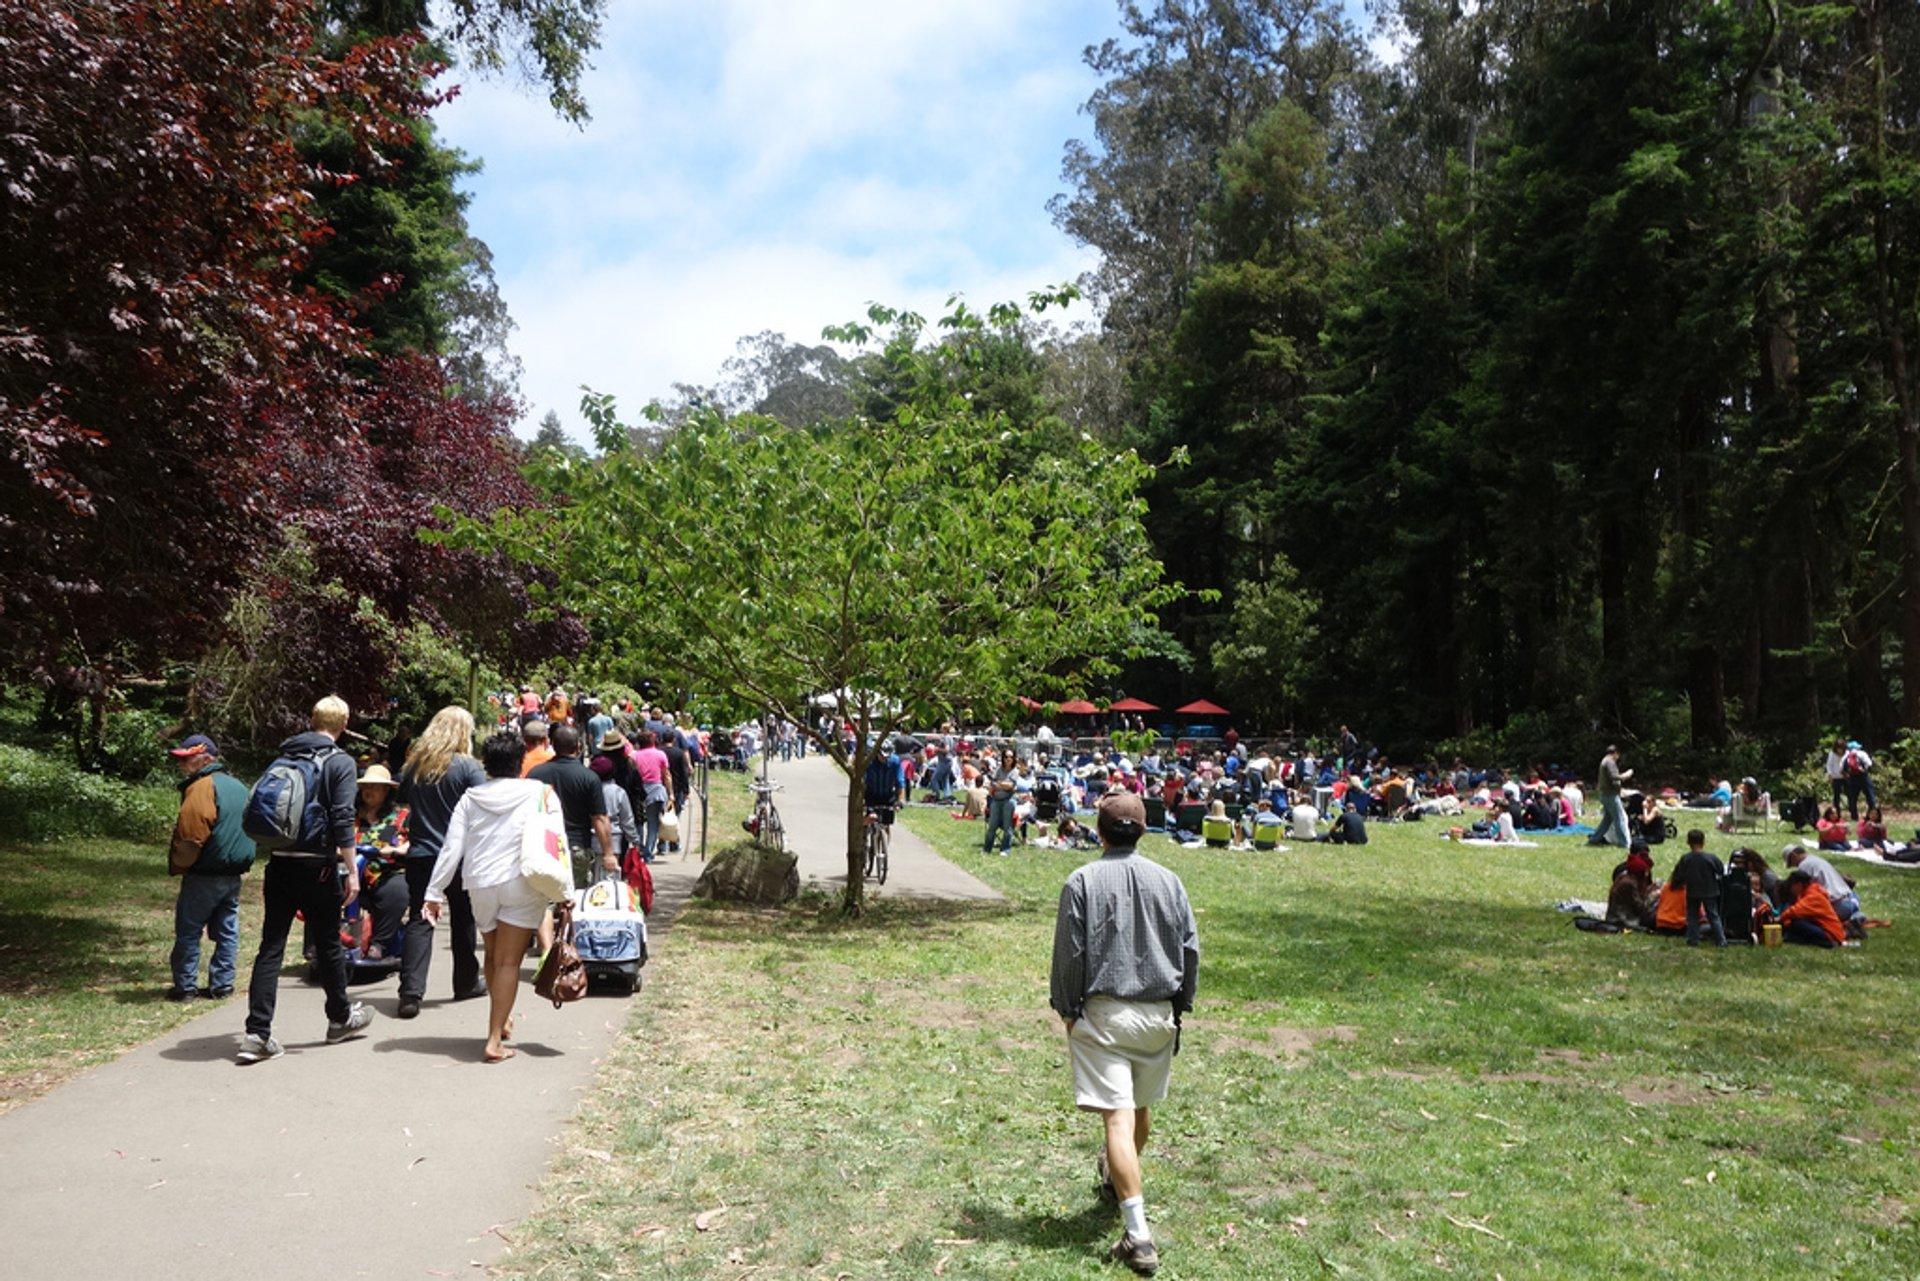 Stern Grove Festival in San Francisco - Best Season 2020